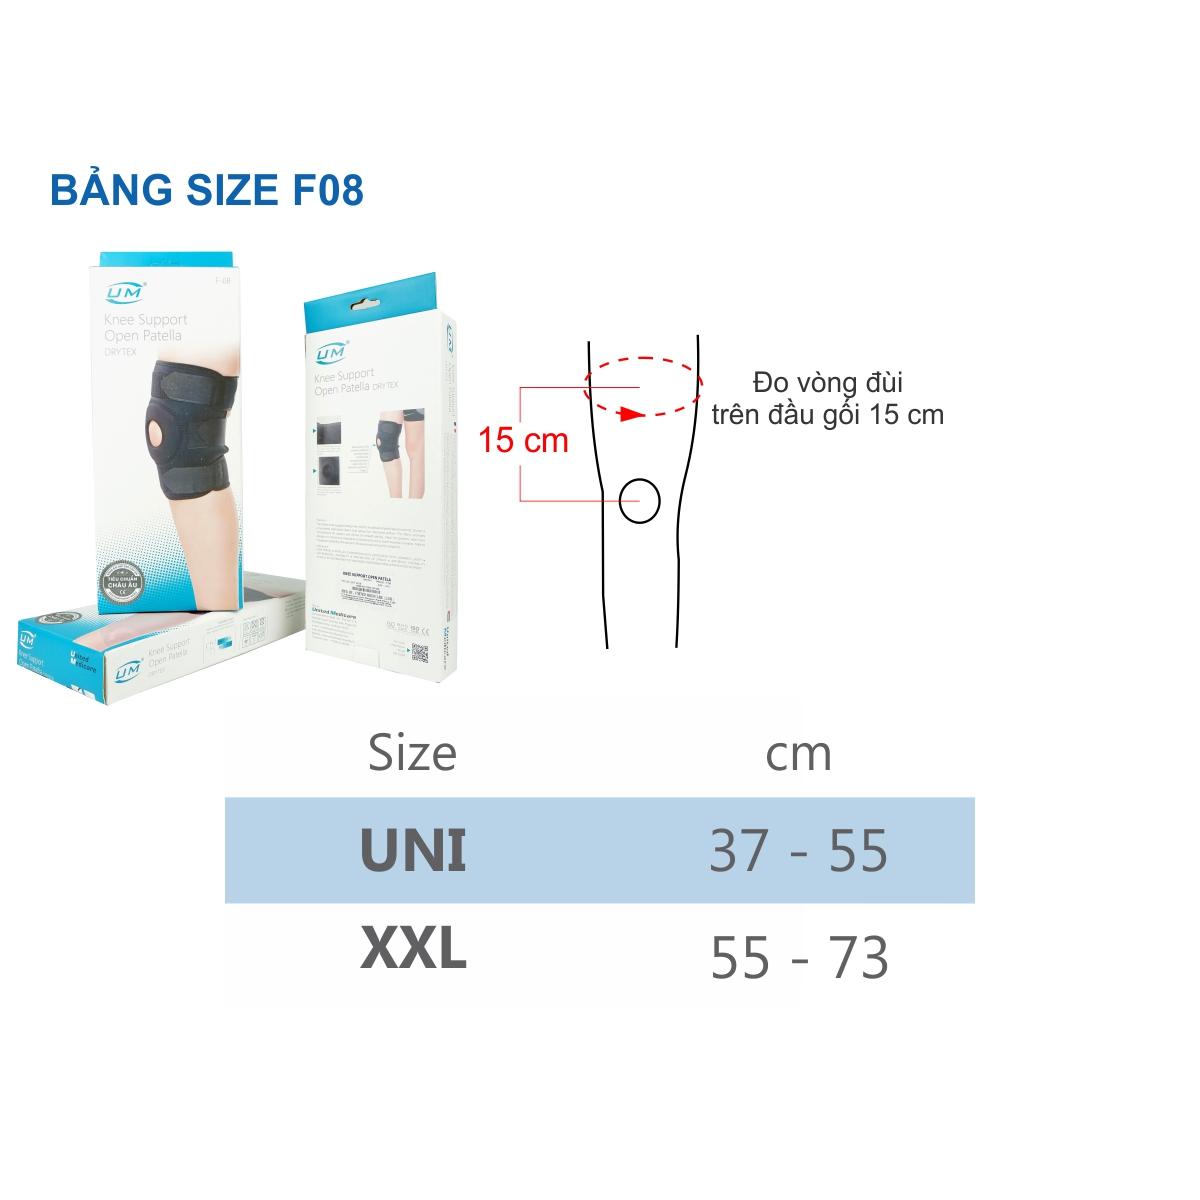 Bó gối đai dán không nẹp drytex UM (F08), size UNI